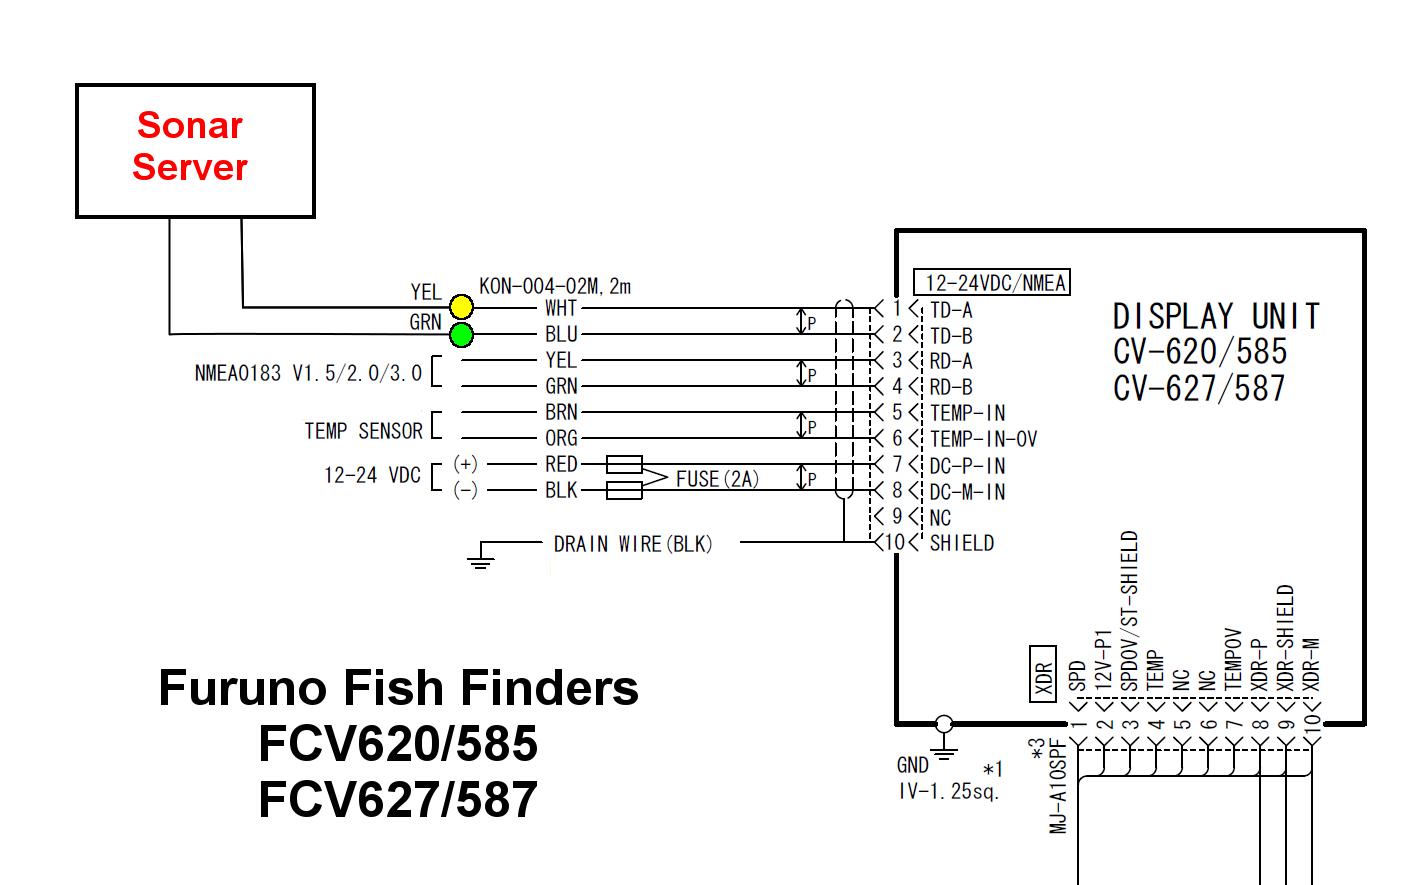 Wiring Garmin To Furuno - Wiring Diagram Library